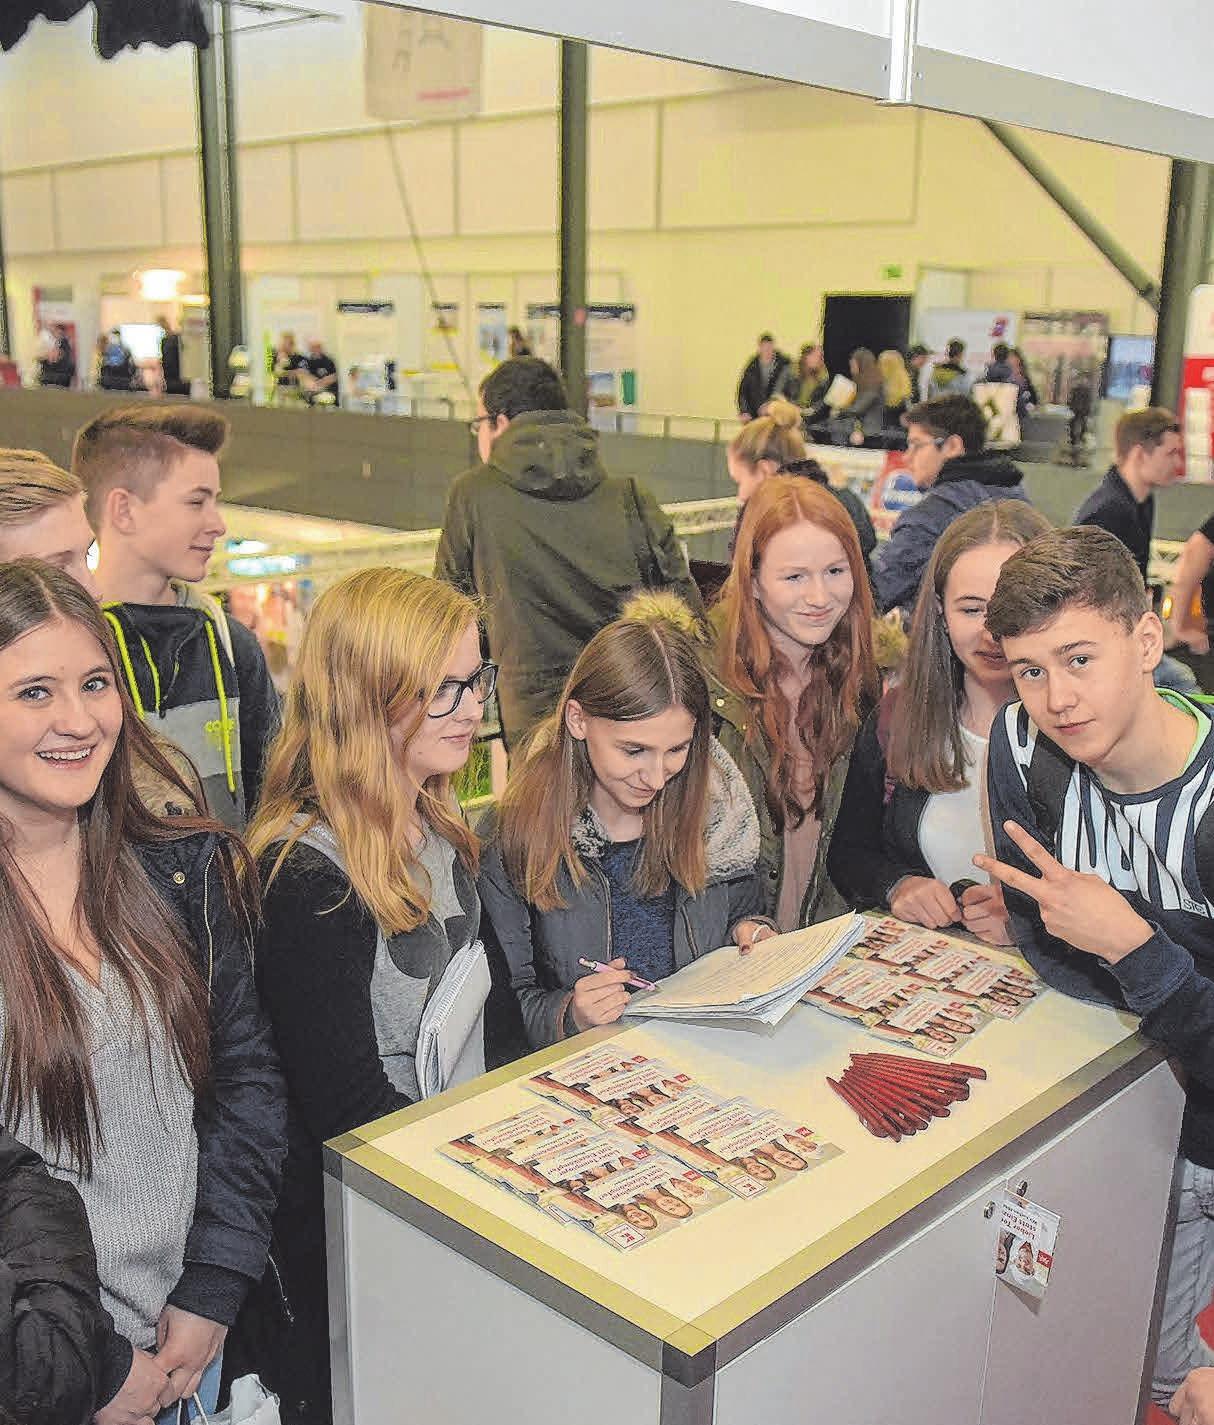 Die kostenfreie Messe bietet Infos und Tipps rund um Beruf und Studium. FOTO:IHK/DEREK SCHUH